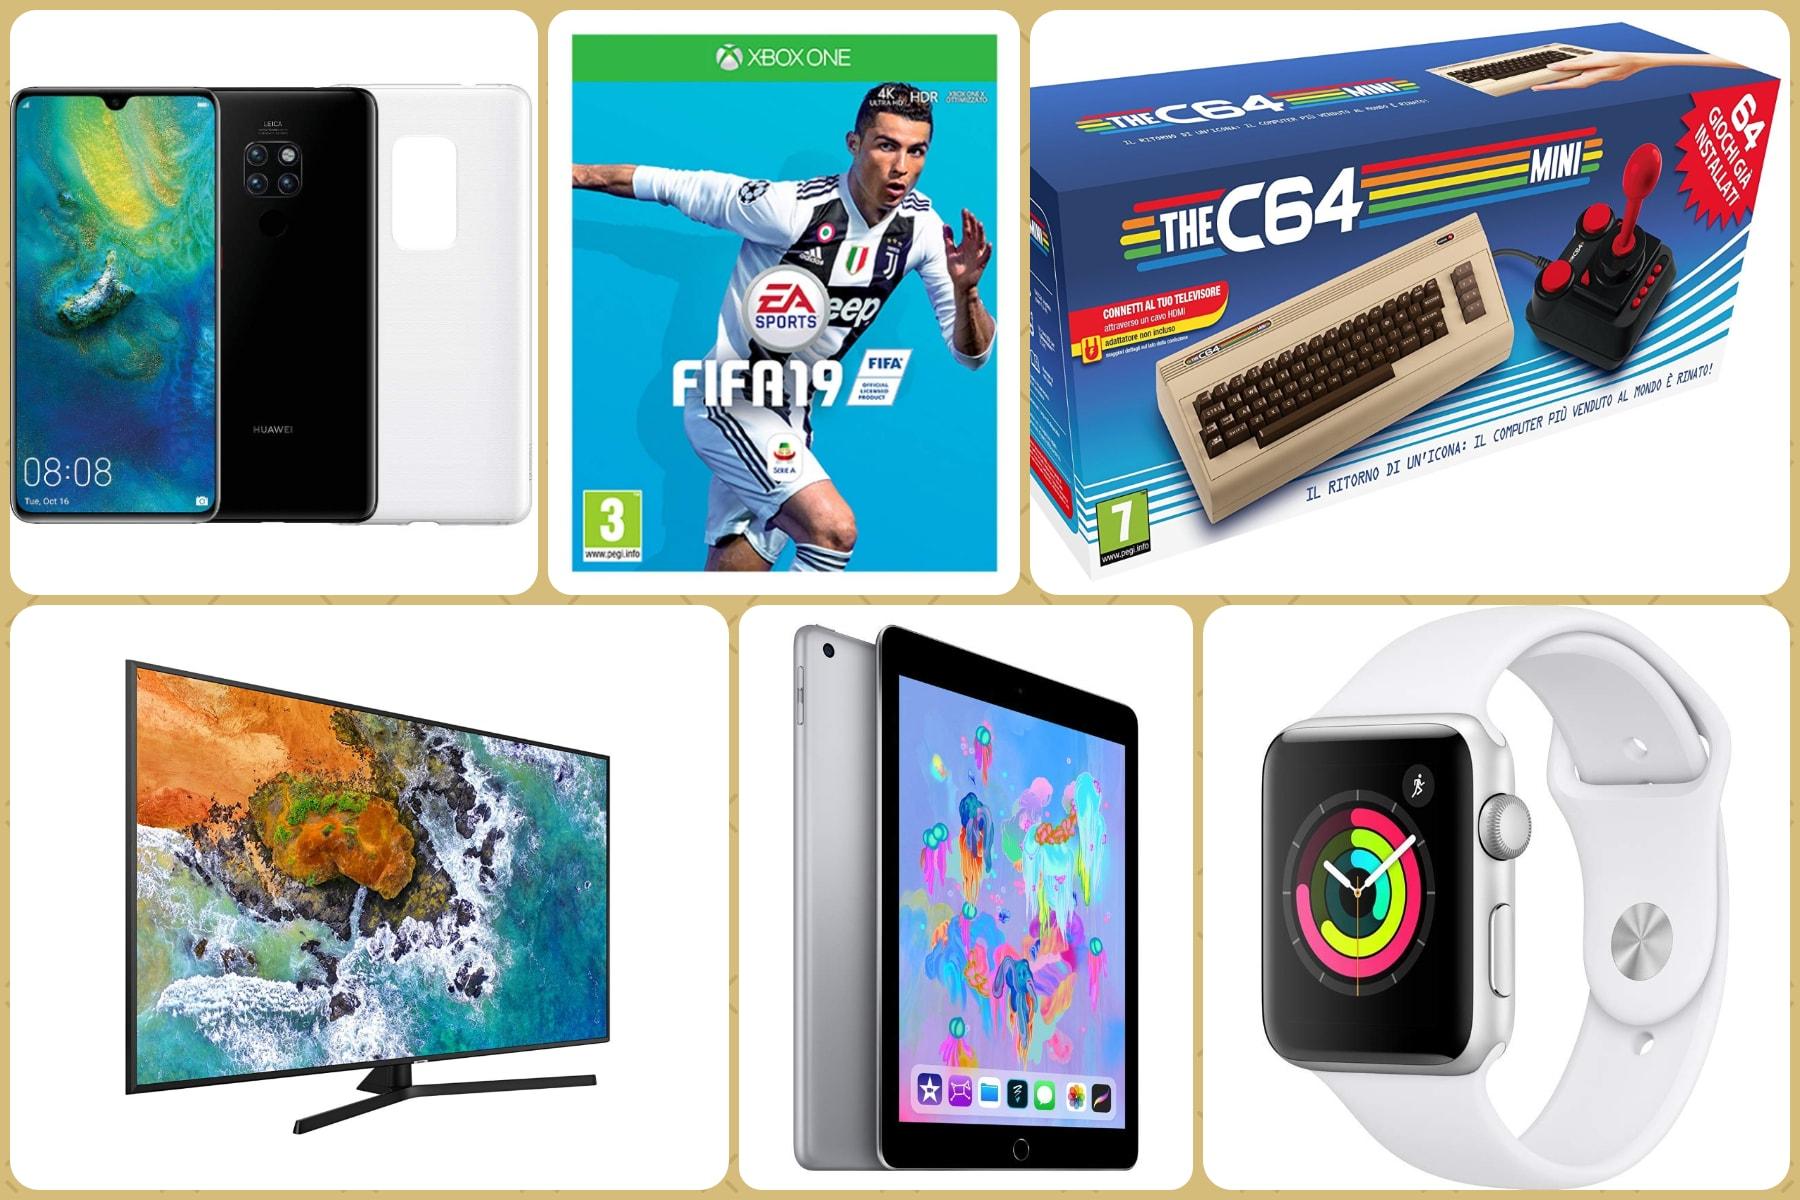 Buono Amazon in regalo: fino a 75€ con il Bonus Cultura! - image migliori-offerte-amazon-14-dicembre-2018 on https://www.zxbyte.com